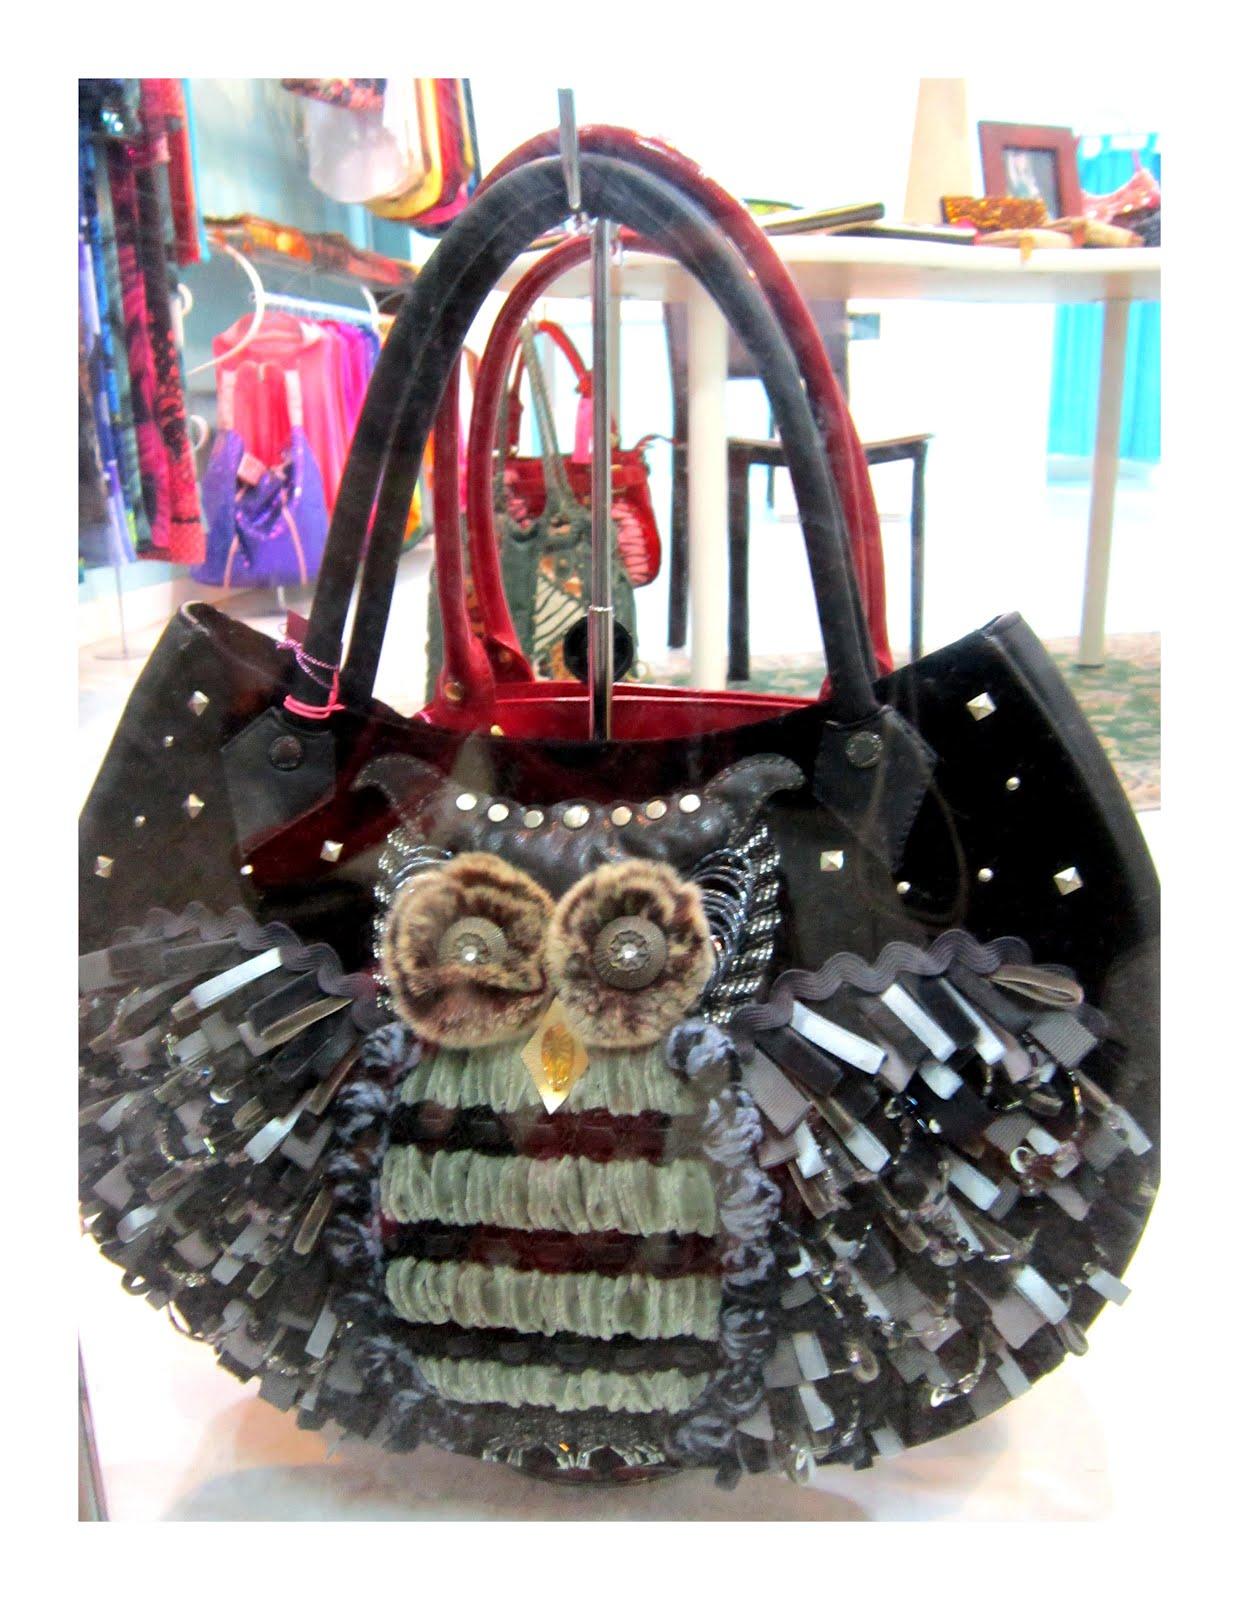 Ipa Nima Handbags Purses And Wallets Are Available At Naindah Asian Kiulap Plaza Hotel Ping Mall